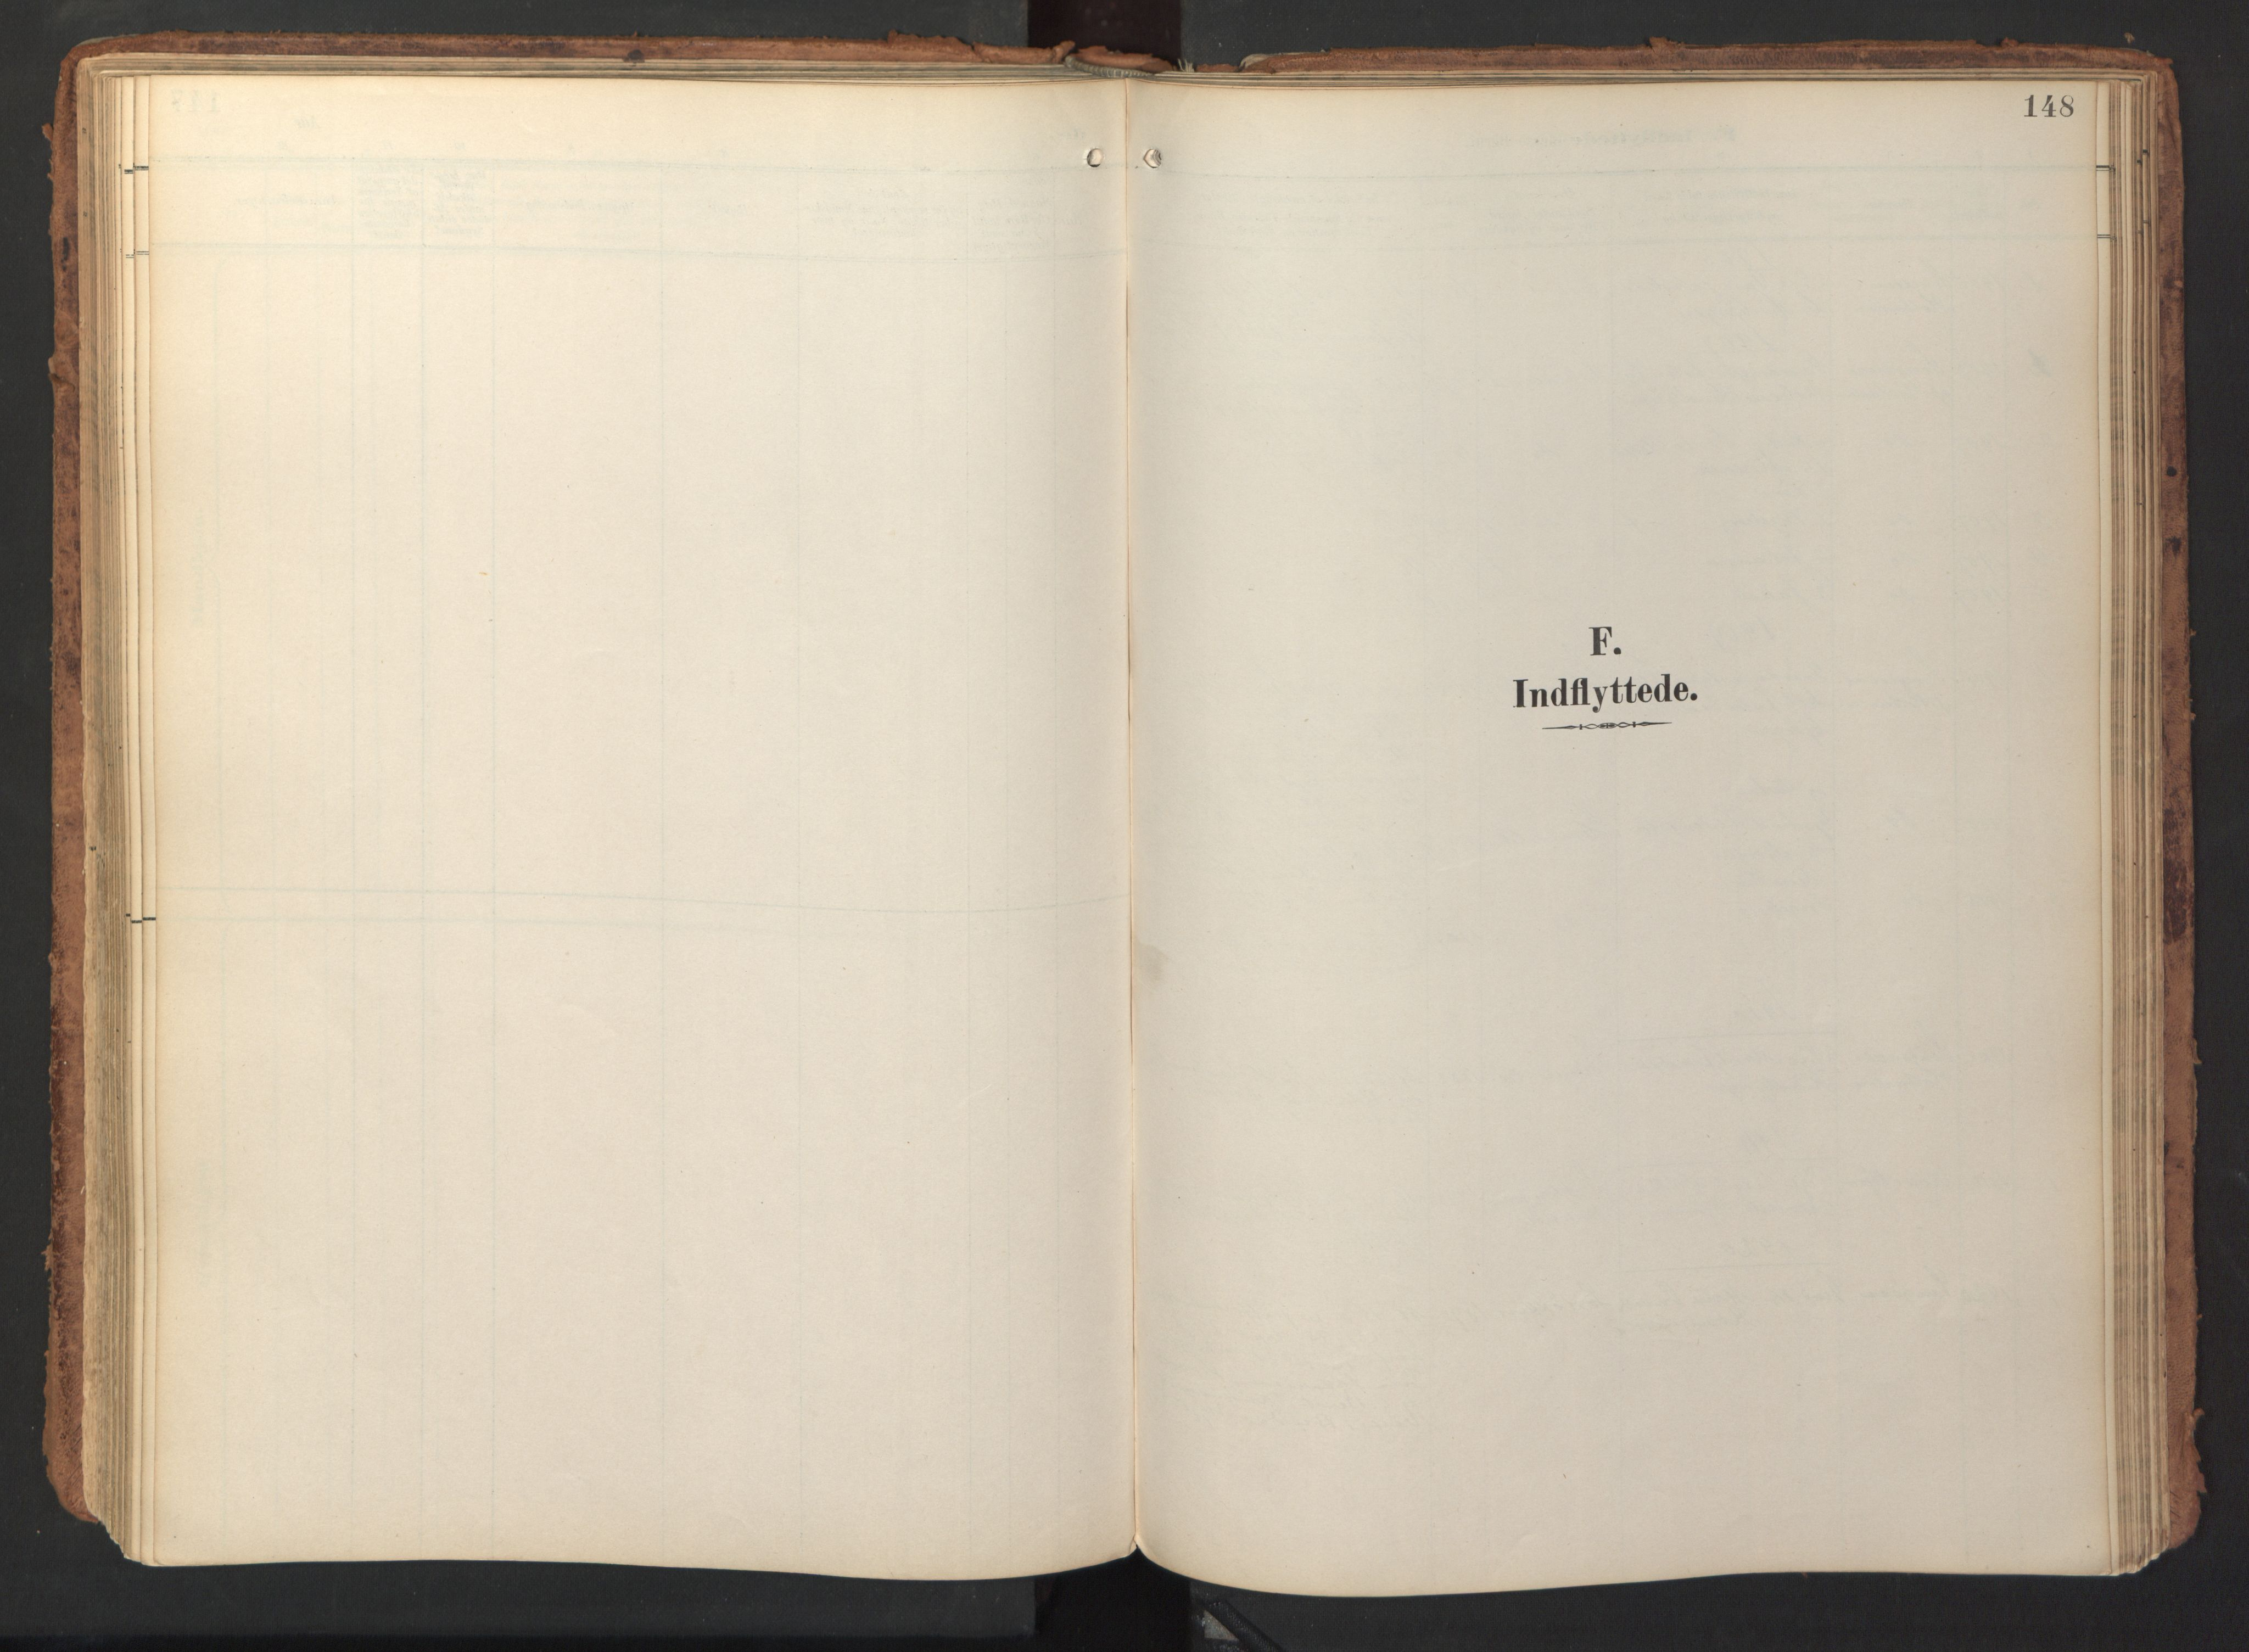 SAT, Ministerialprotokoller, klokkerbøker og fødselsregistre - Sør-Trøndelag, 690/L1050: Ministerialbok nr. 690A01, 1889-1929, s. 148